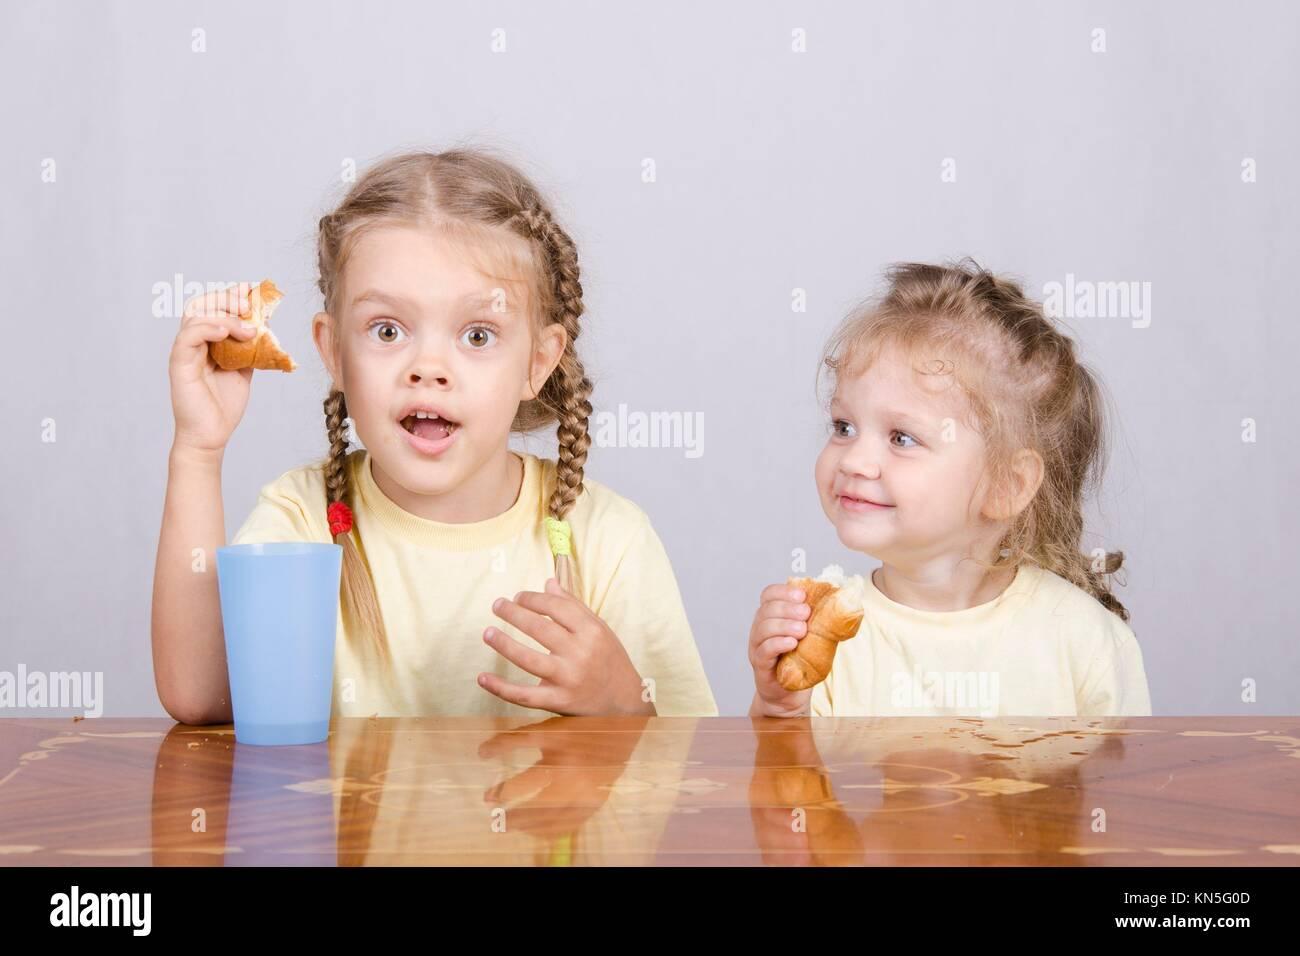 zwei kinder am tisch sitzen essen ein muffin und trinken von farbigen plastikbechern stockfoto. Black Bedroom Furniture Sets. Home Design Ideas